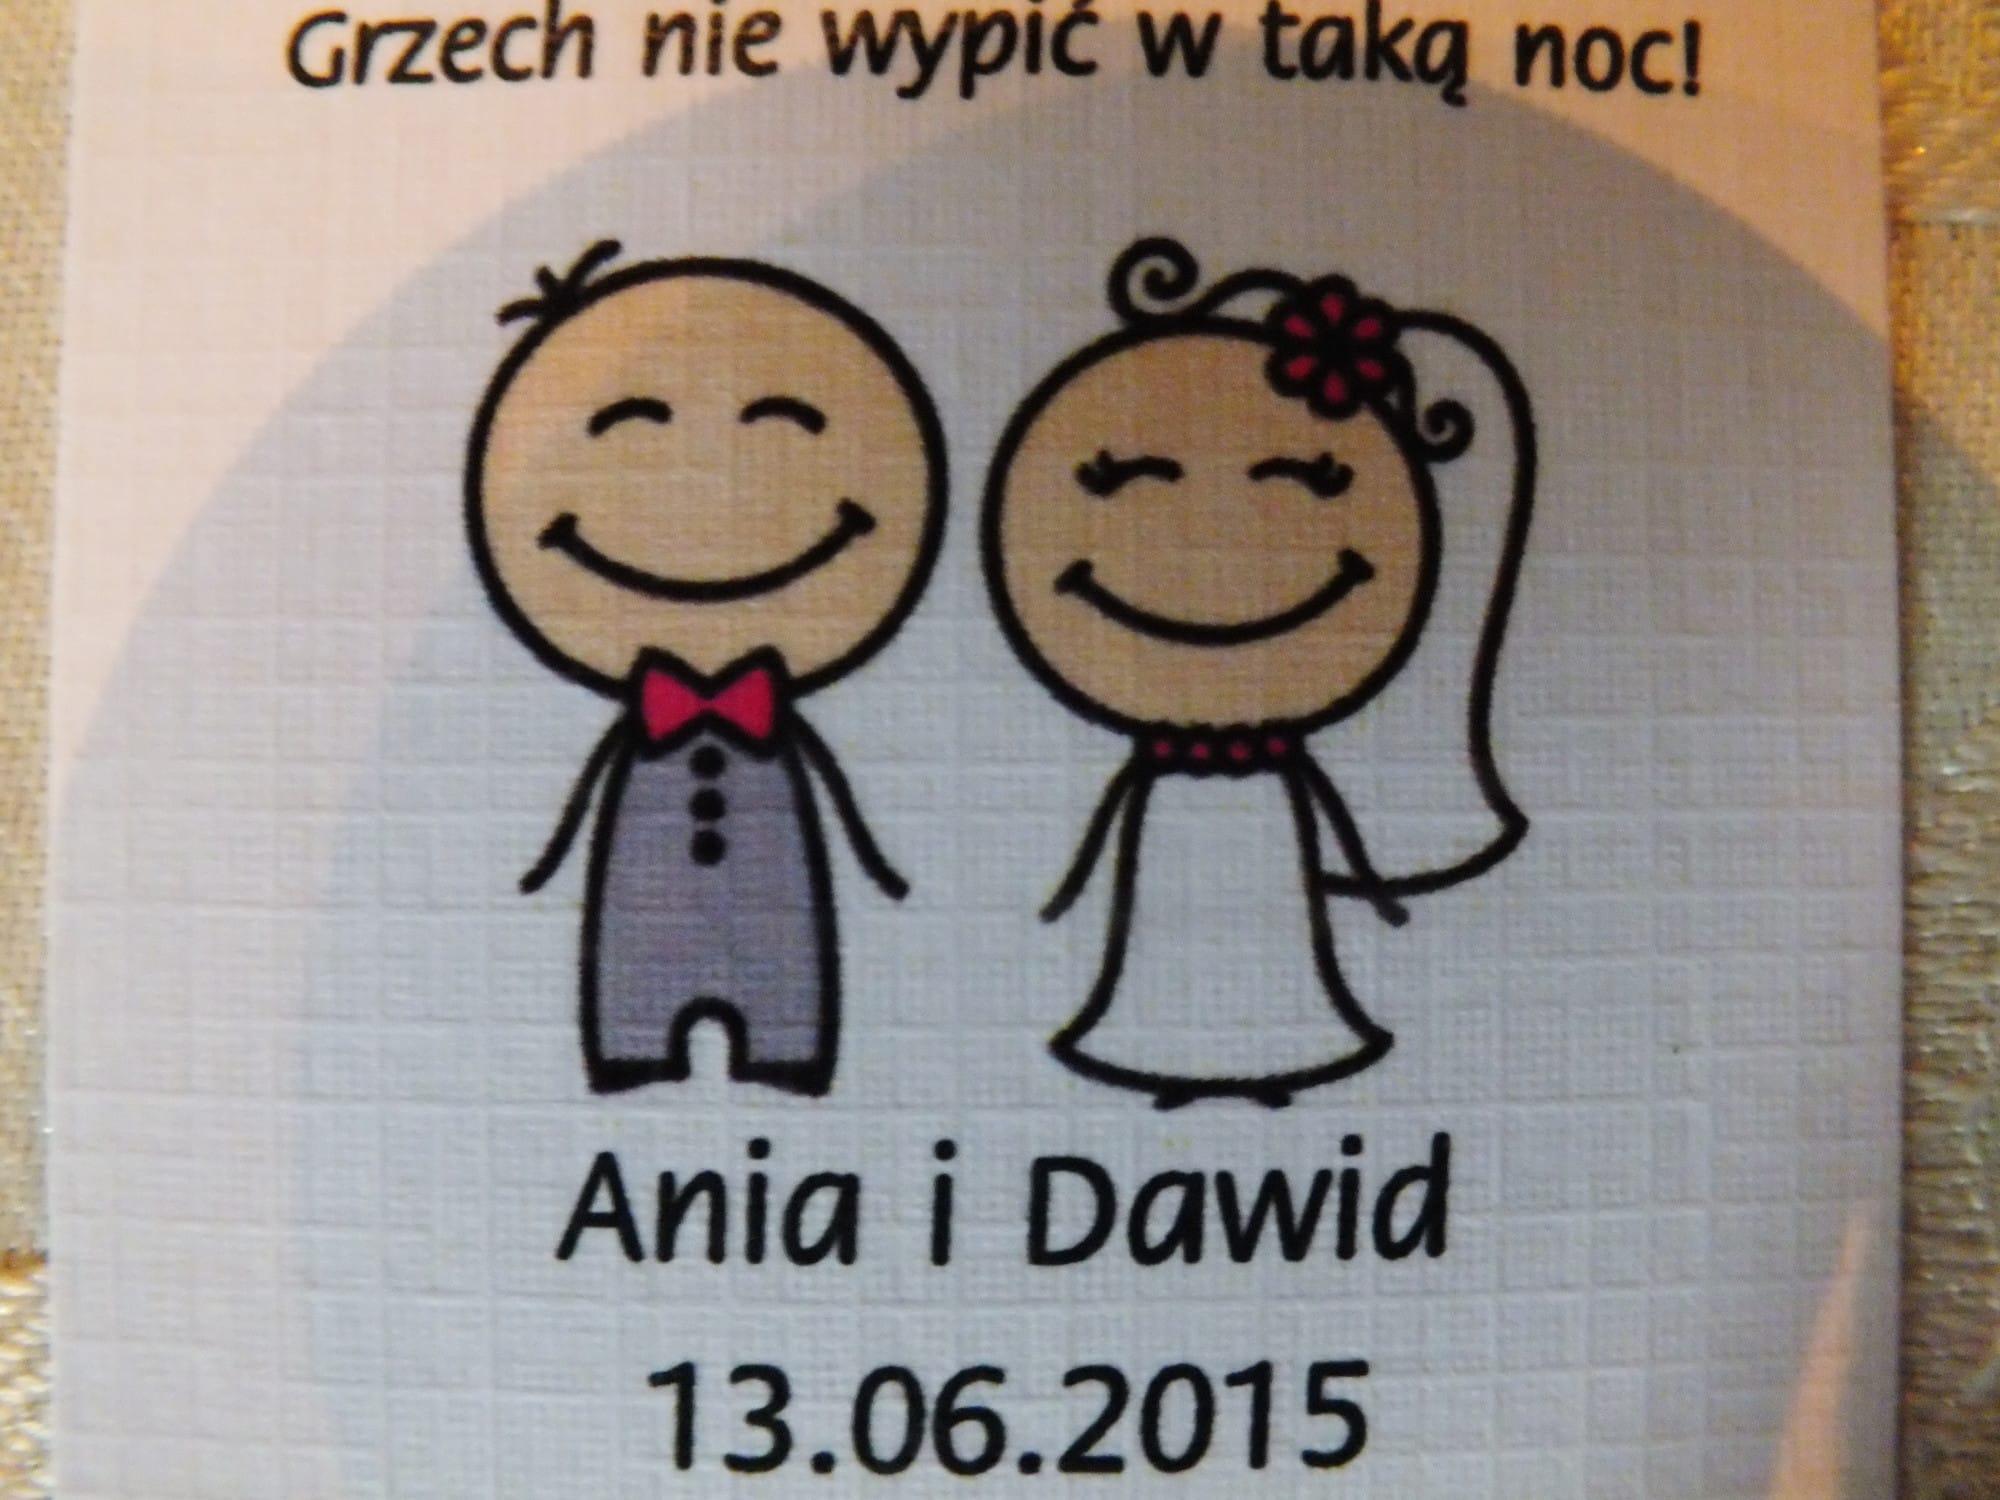 Sezon na wesela i chrzciny w Szczecinie rozpoczęty